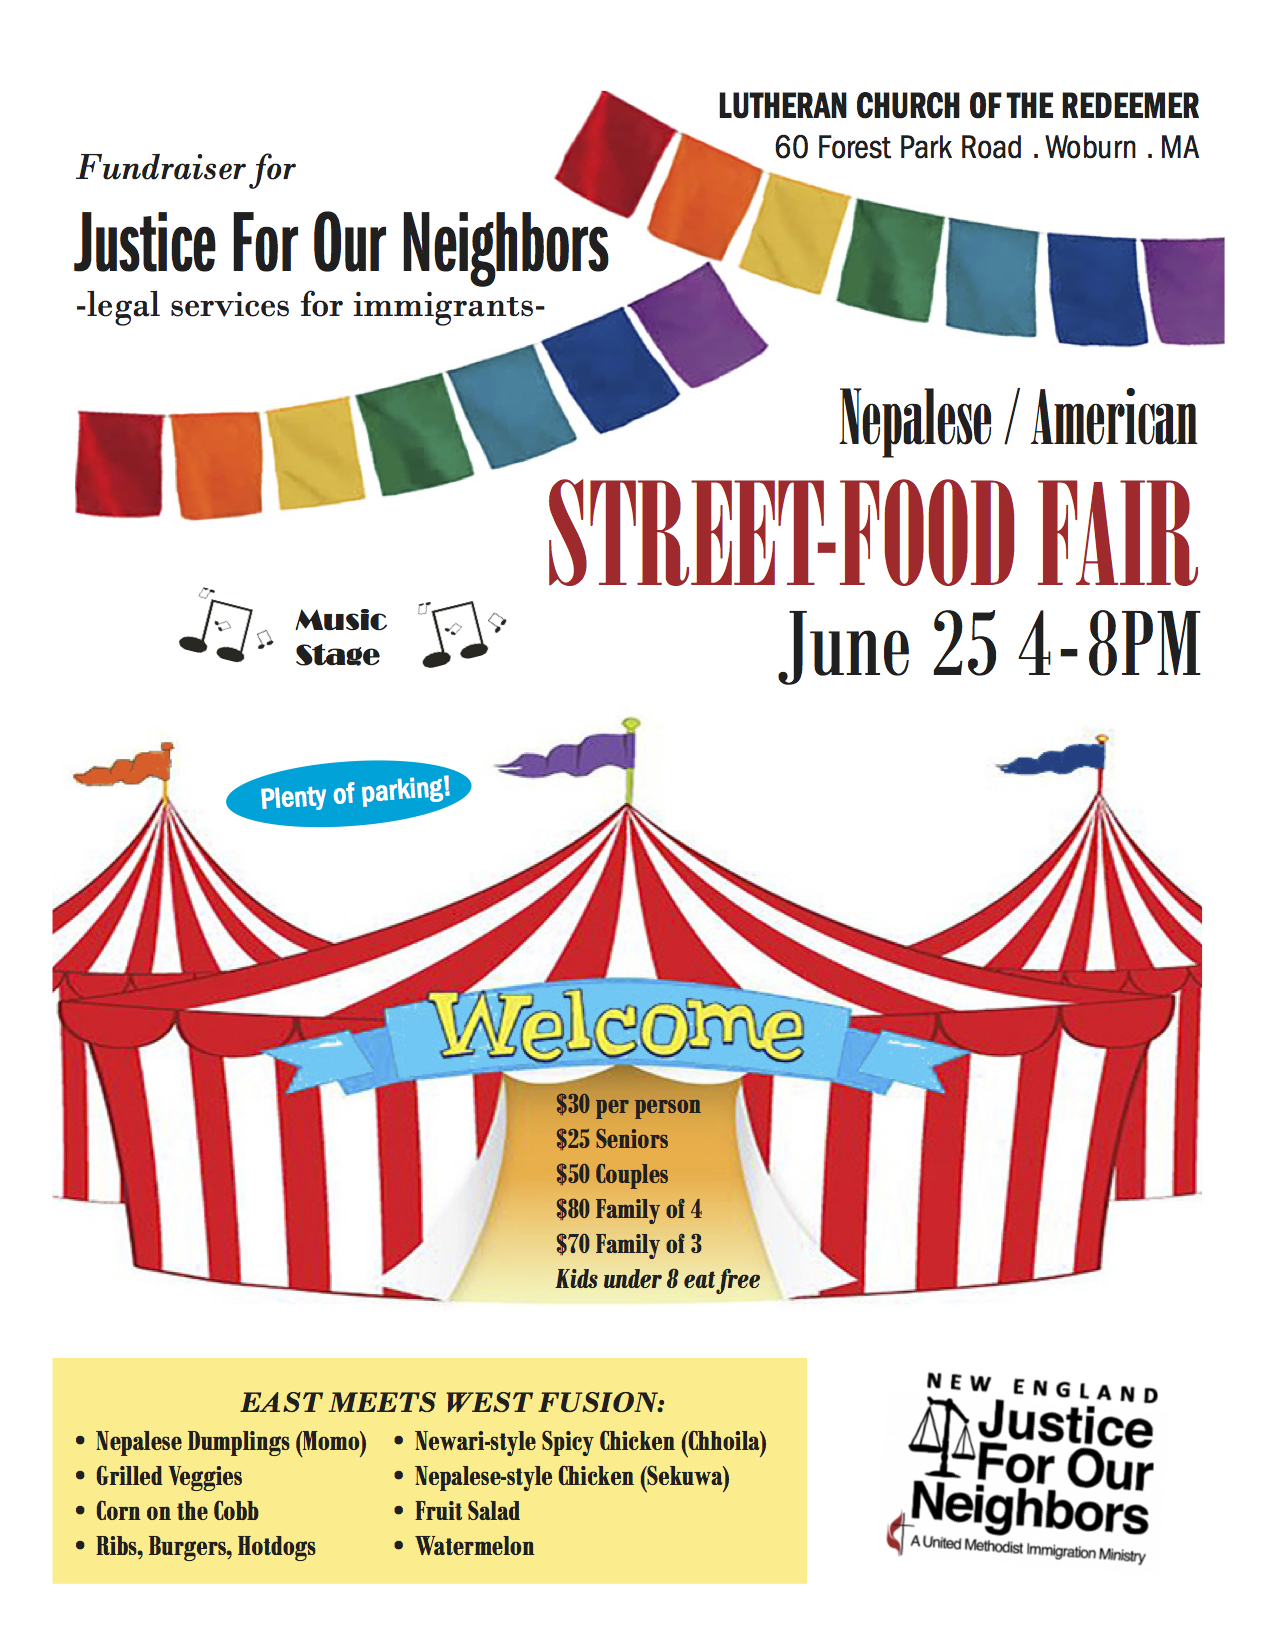 JFON Street-Fair flyer_updated-2.jpg